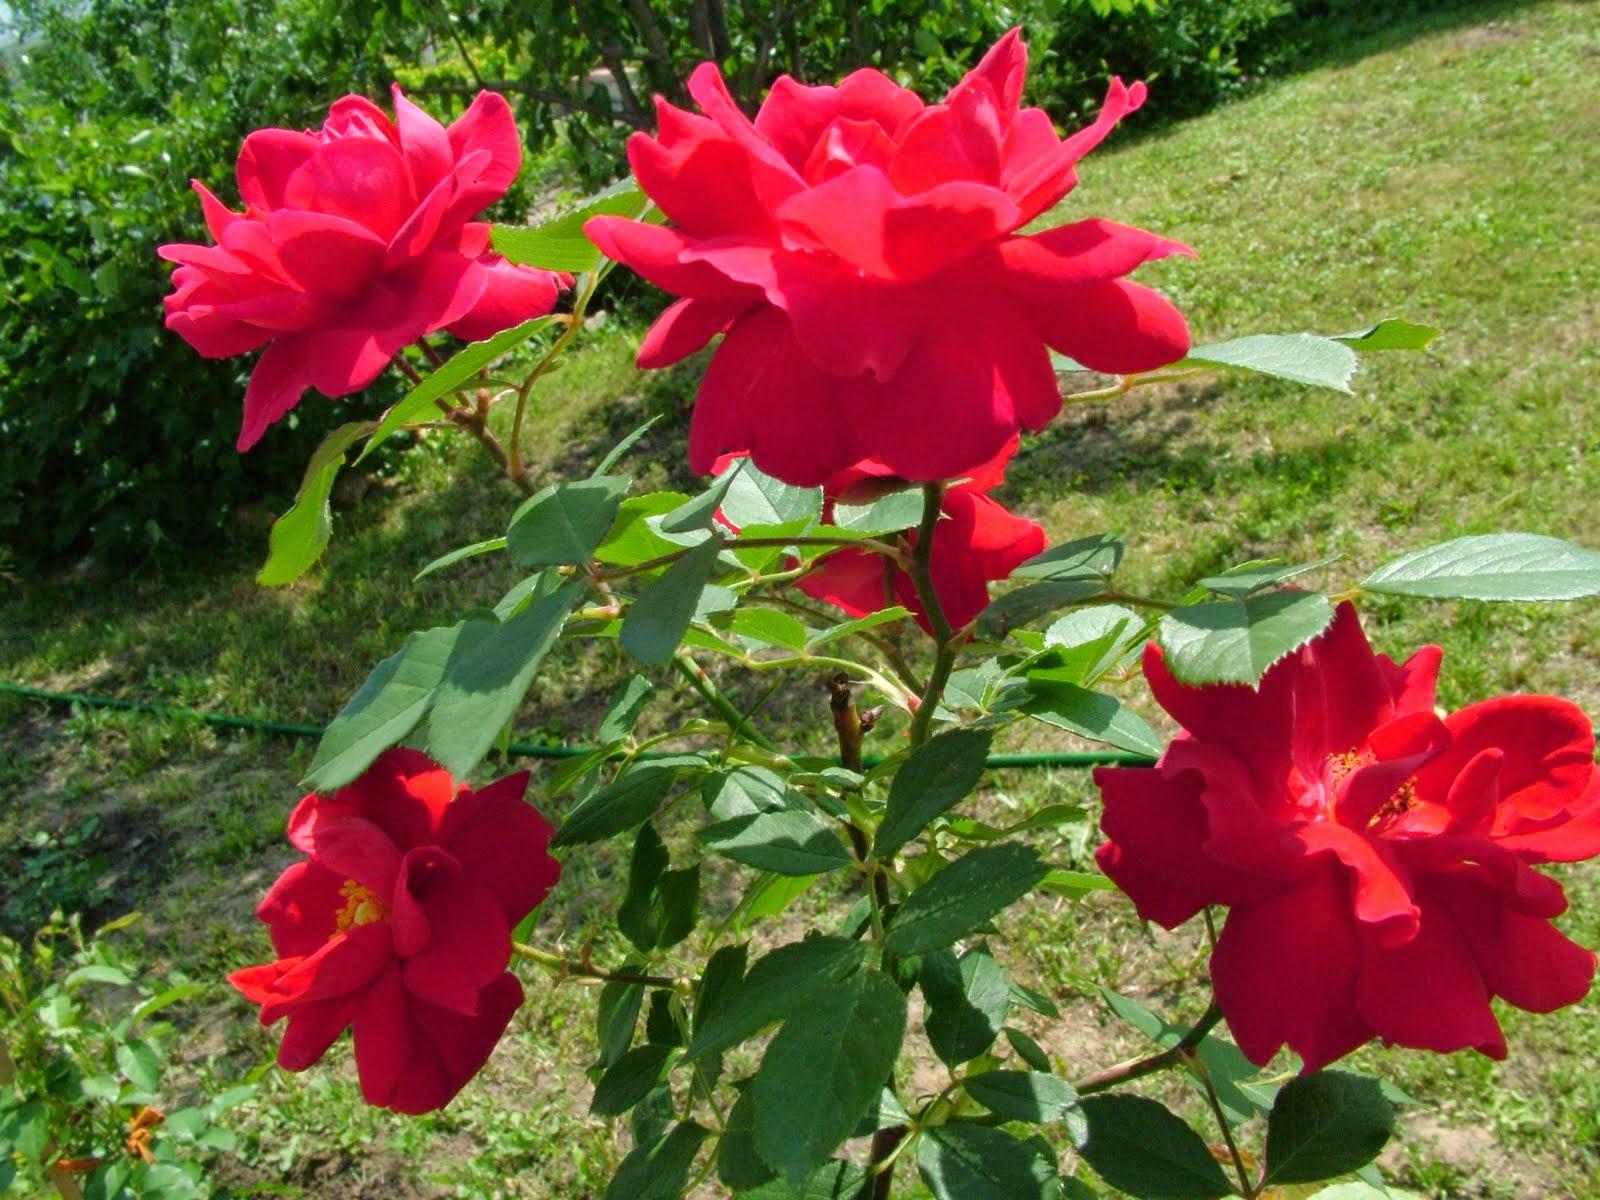 بالصور صور ورد حلوه , احلى باقه صور من الورود 6161 9